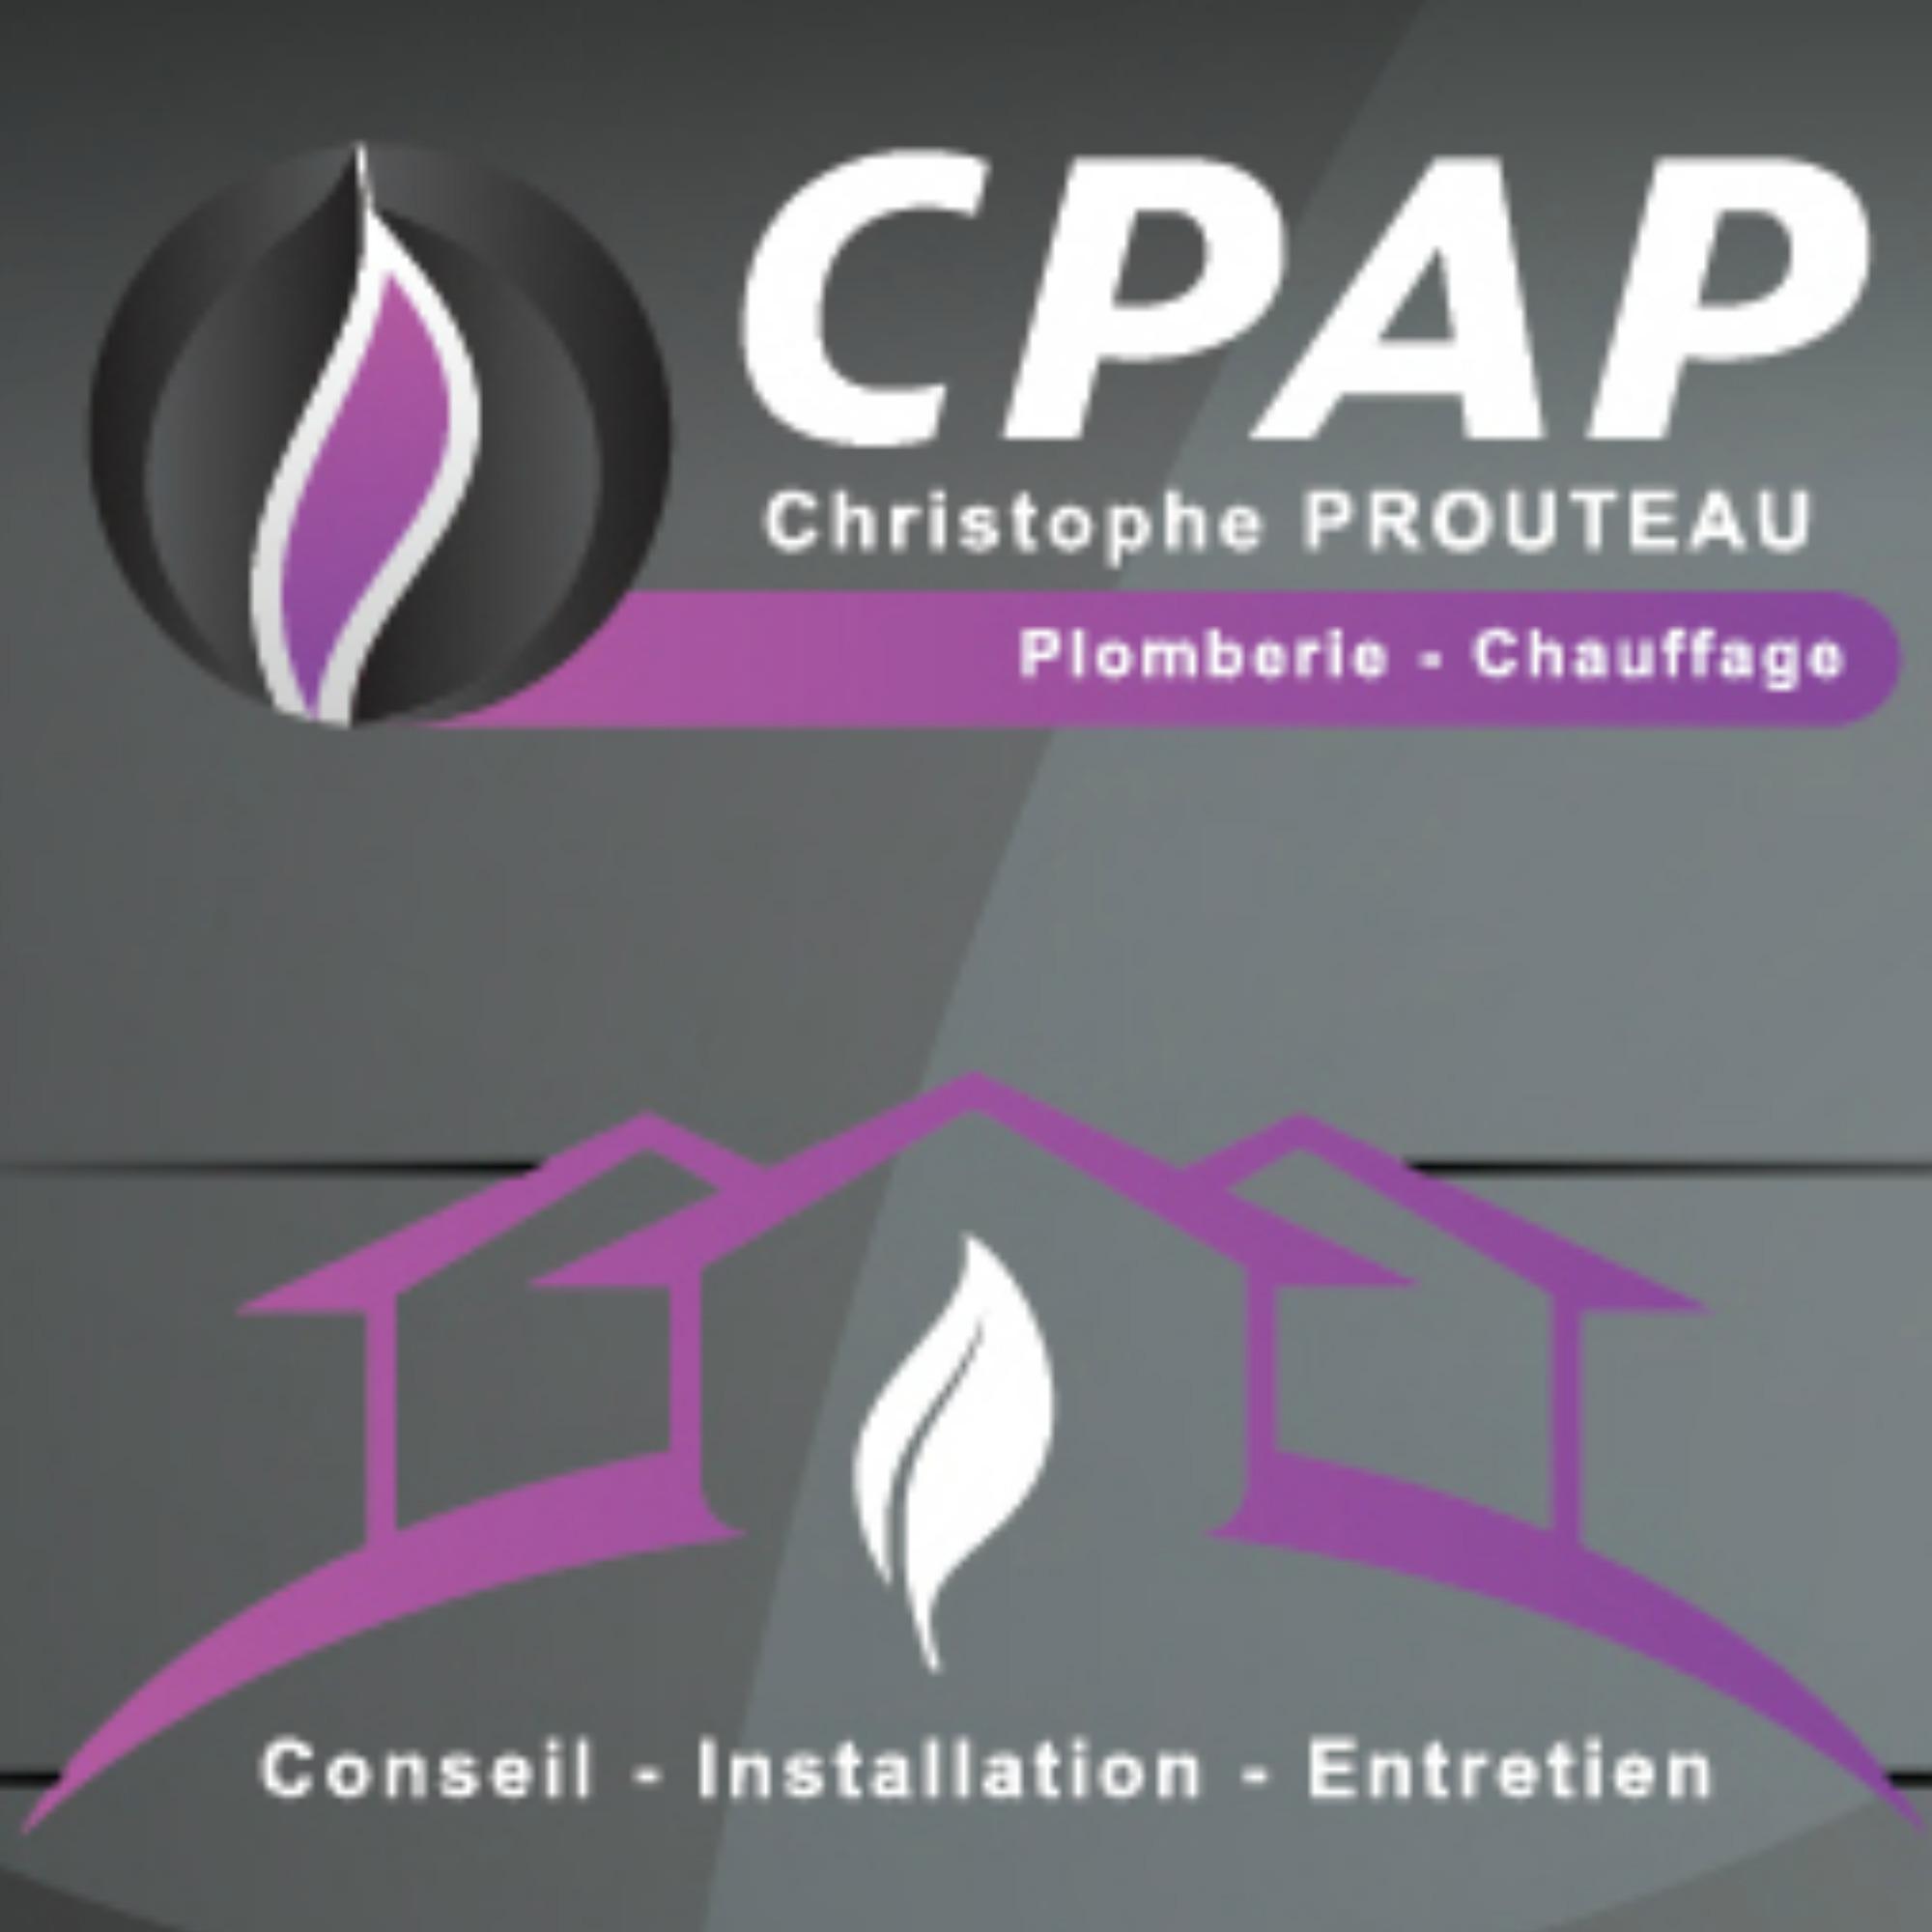 CPAP85 Christophe Prouteau Artisan Plombier